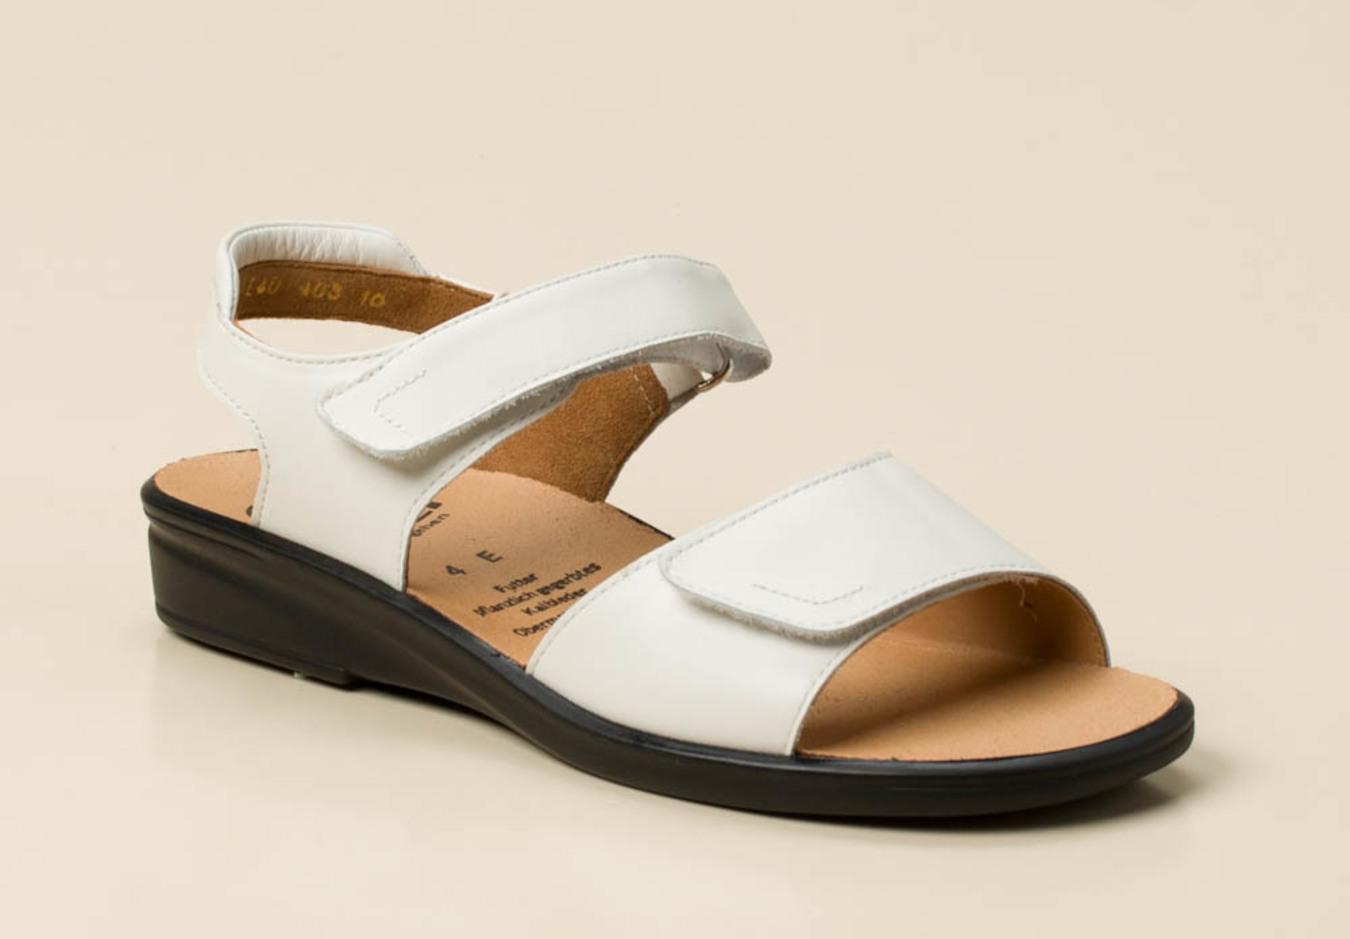 Weite Ganter Weiß Weiß Sandalen E Weite Ganter Sandalen QtrxhCsBd